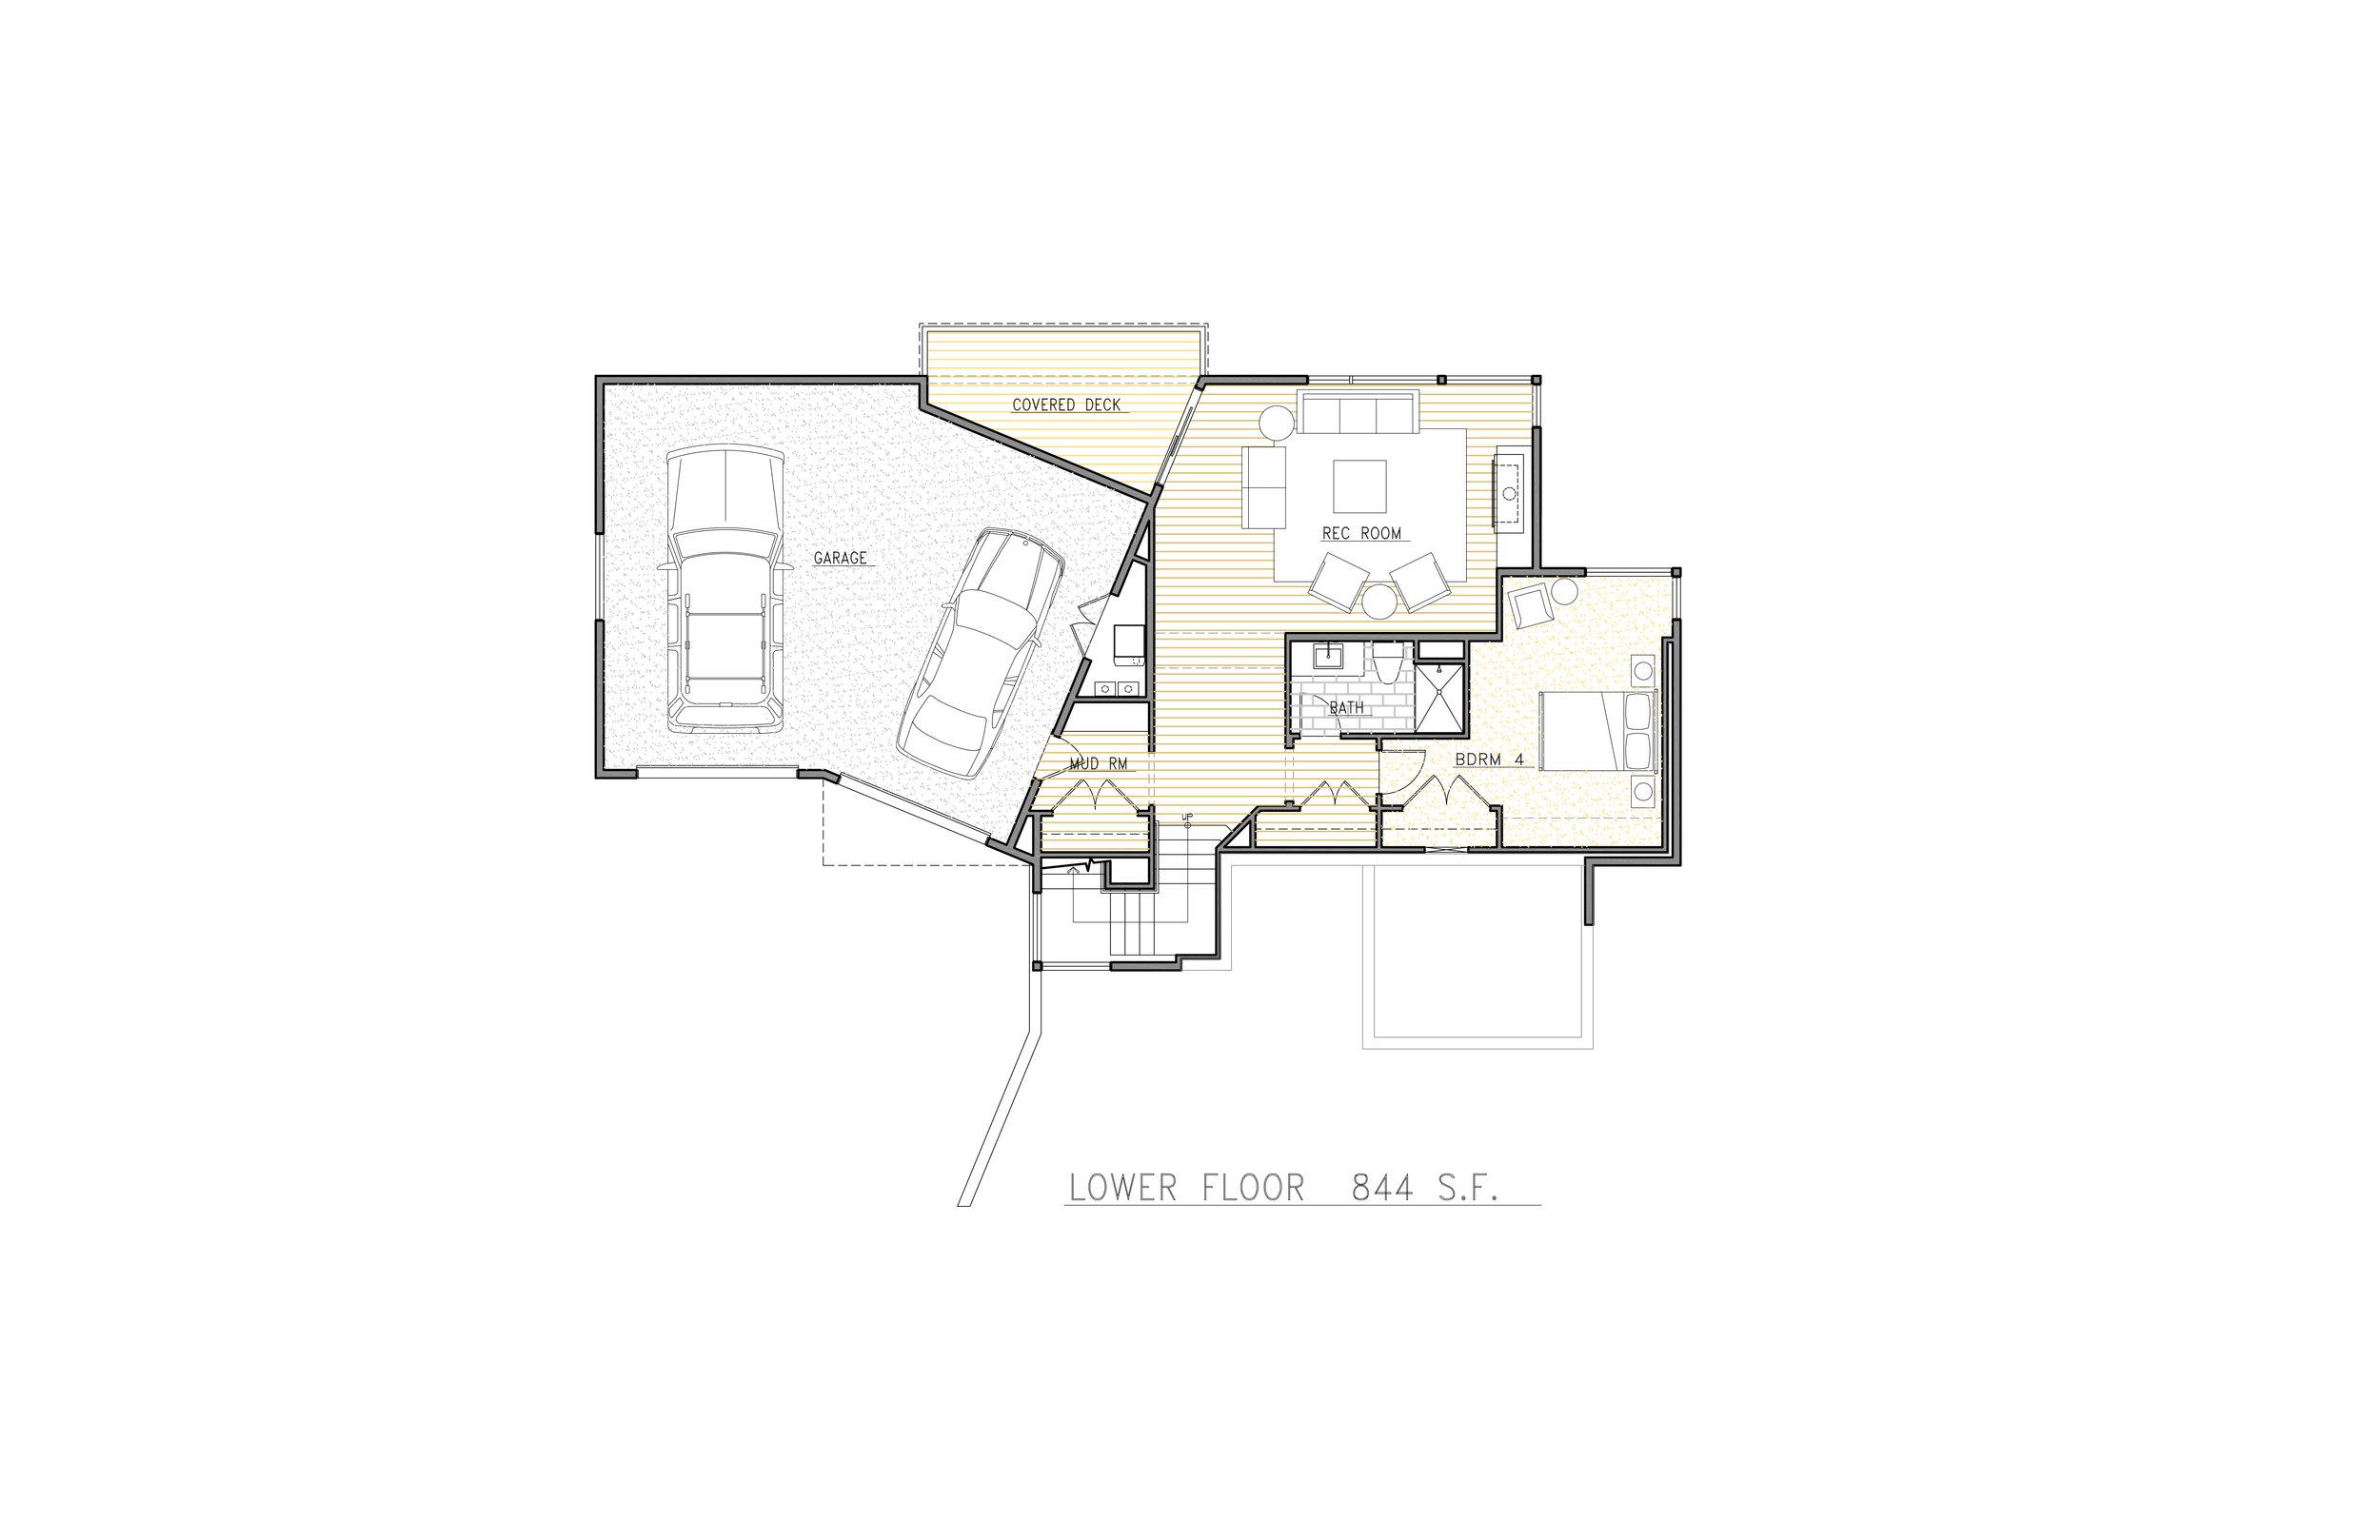 2106 Plan DR 6 Mrktg Flr Plans-3.jpg